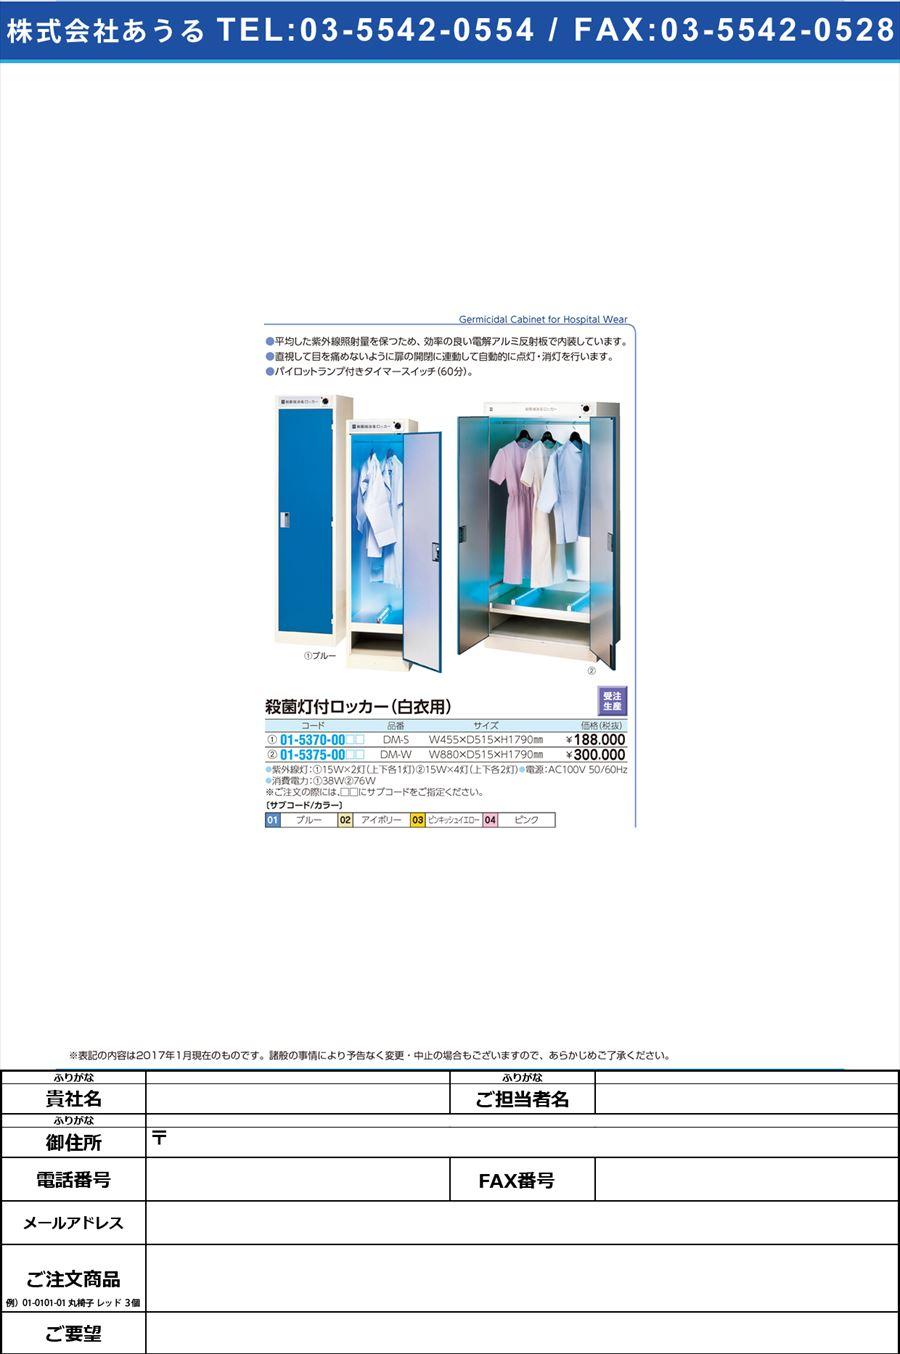 殺菌線ロッカー サッキンセンロッカー DM-W(W880XD515XH1790(01-5375-00)【1台単位】【2017年カタログ商品】